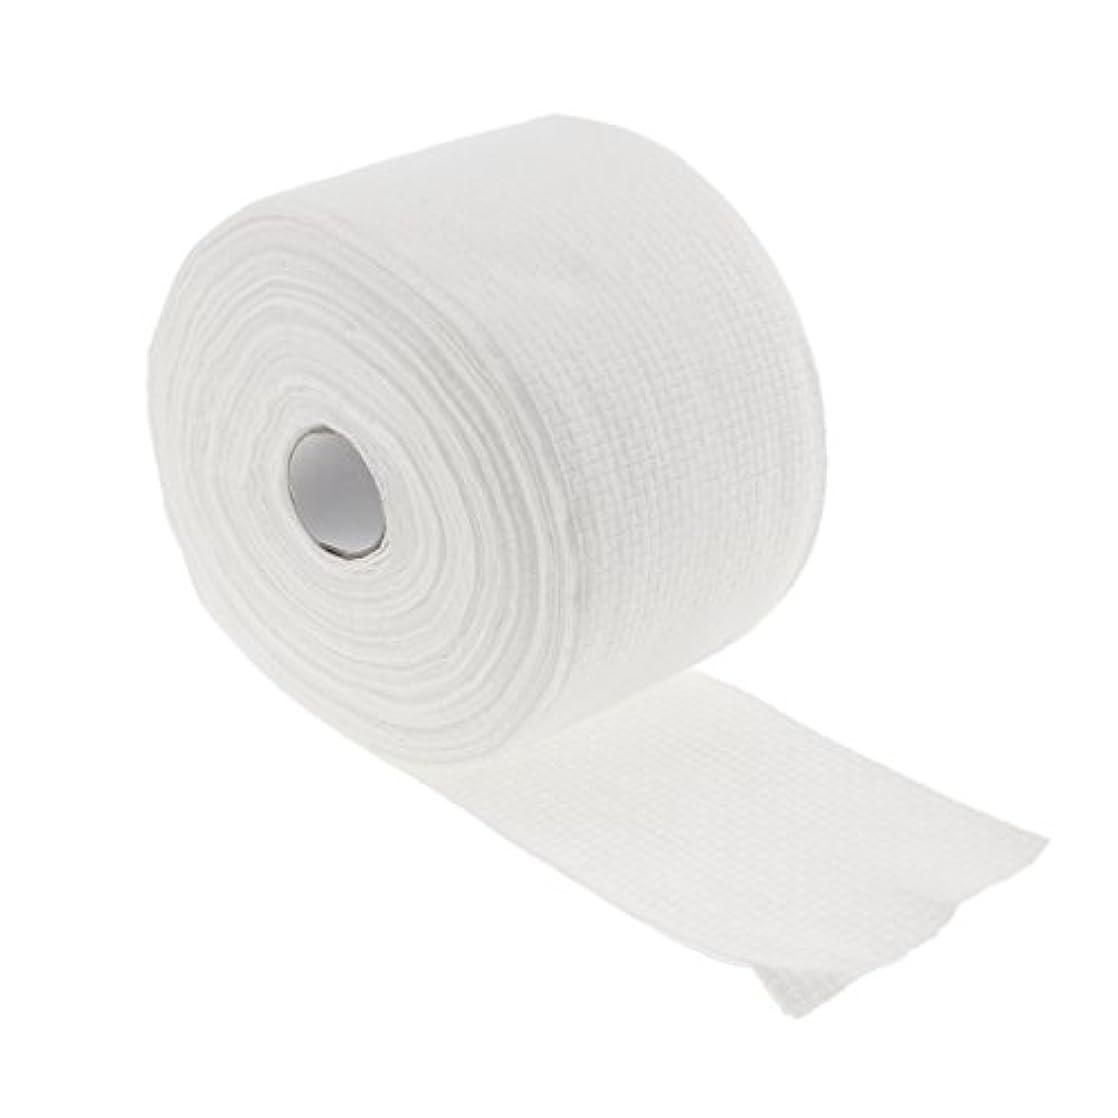 酸化物無礼に卒業記念アルバムToygogo 1つのロール30メートルの使い捨て可能なタオル繊維の清潔になる顔のワイプの構造の除去剤 - #1